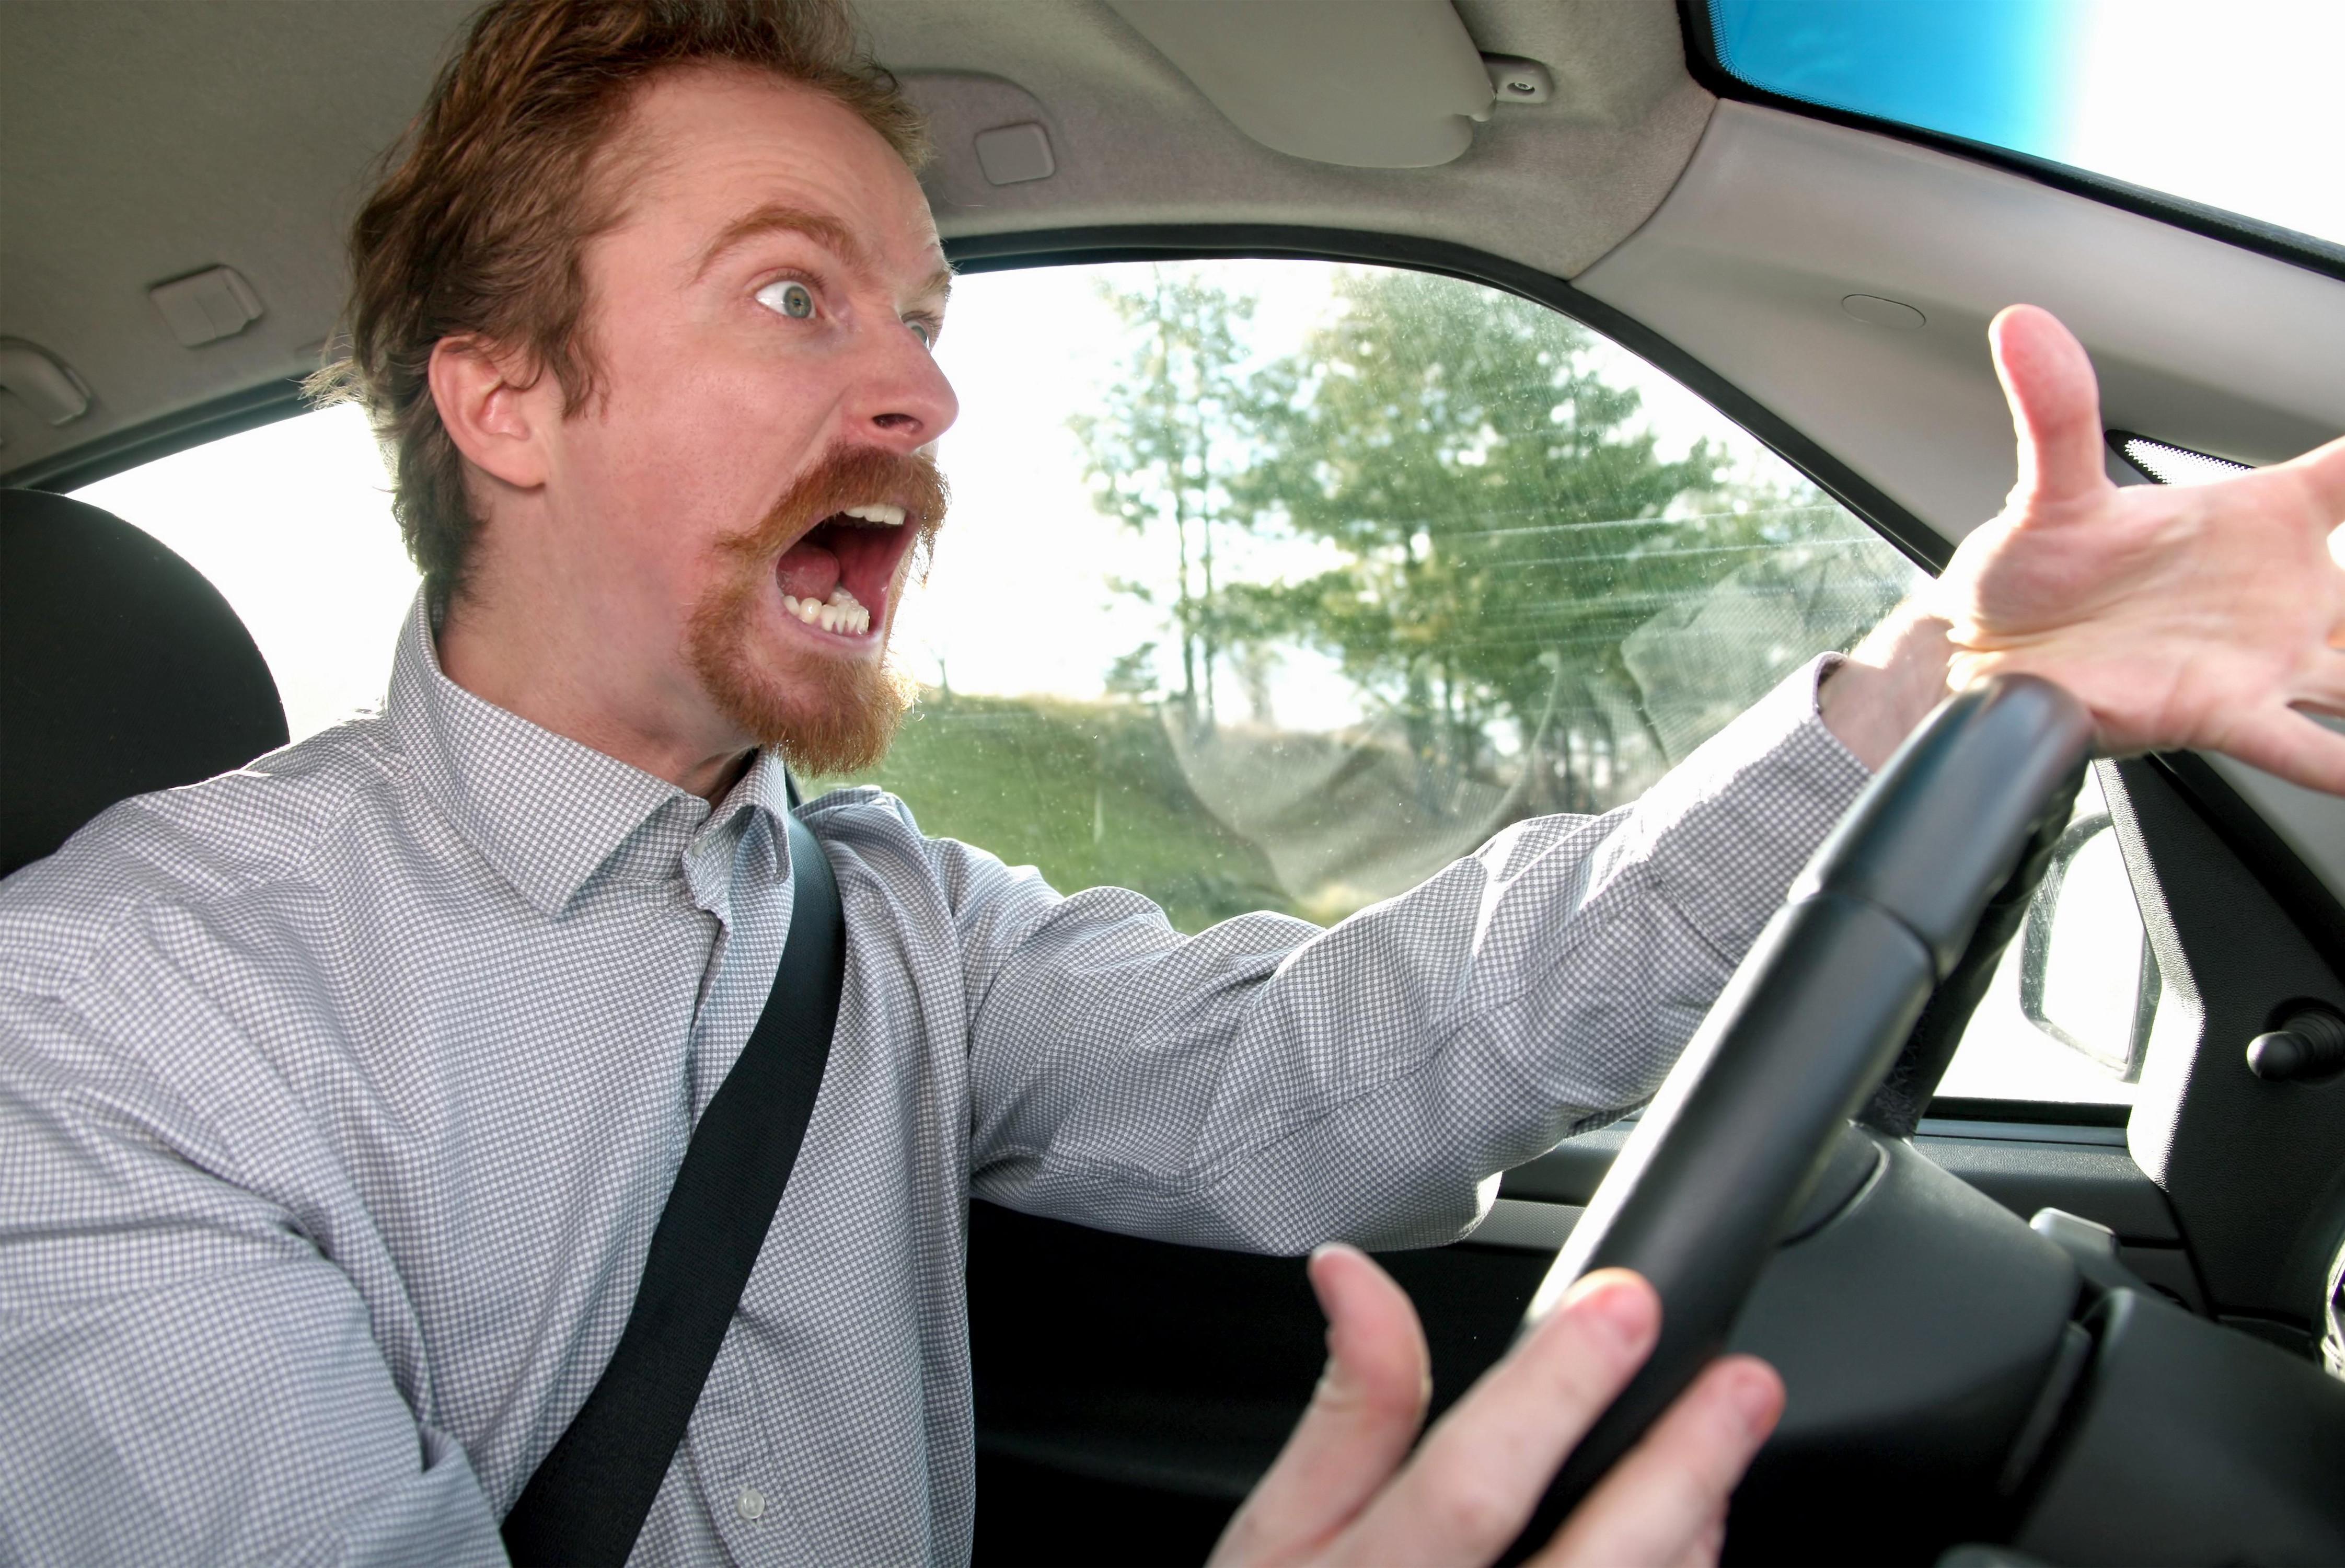 78 процентов водителей США признали, что им присуща агрессивная манера вождения 1